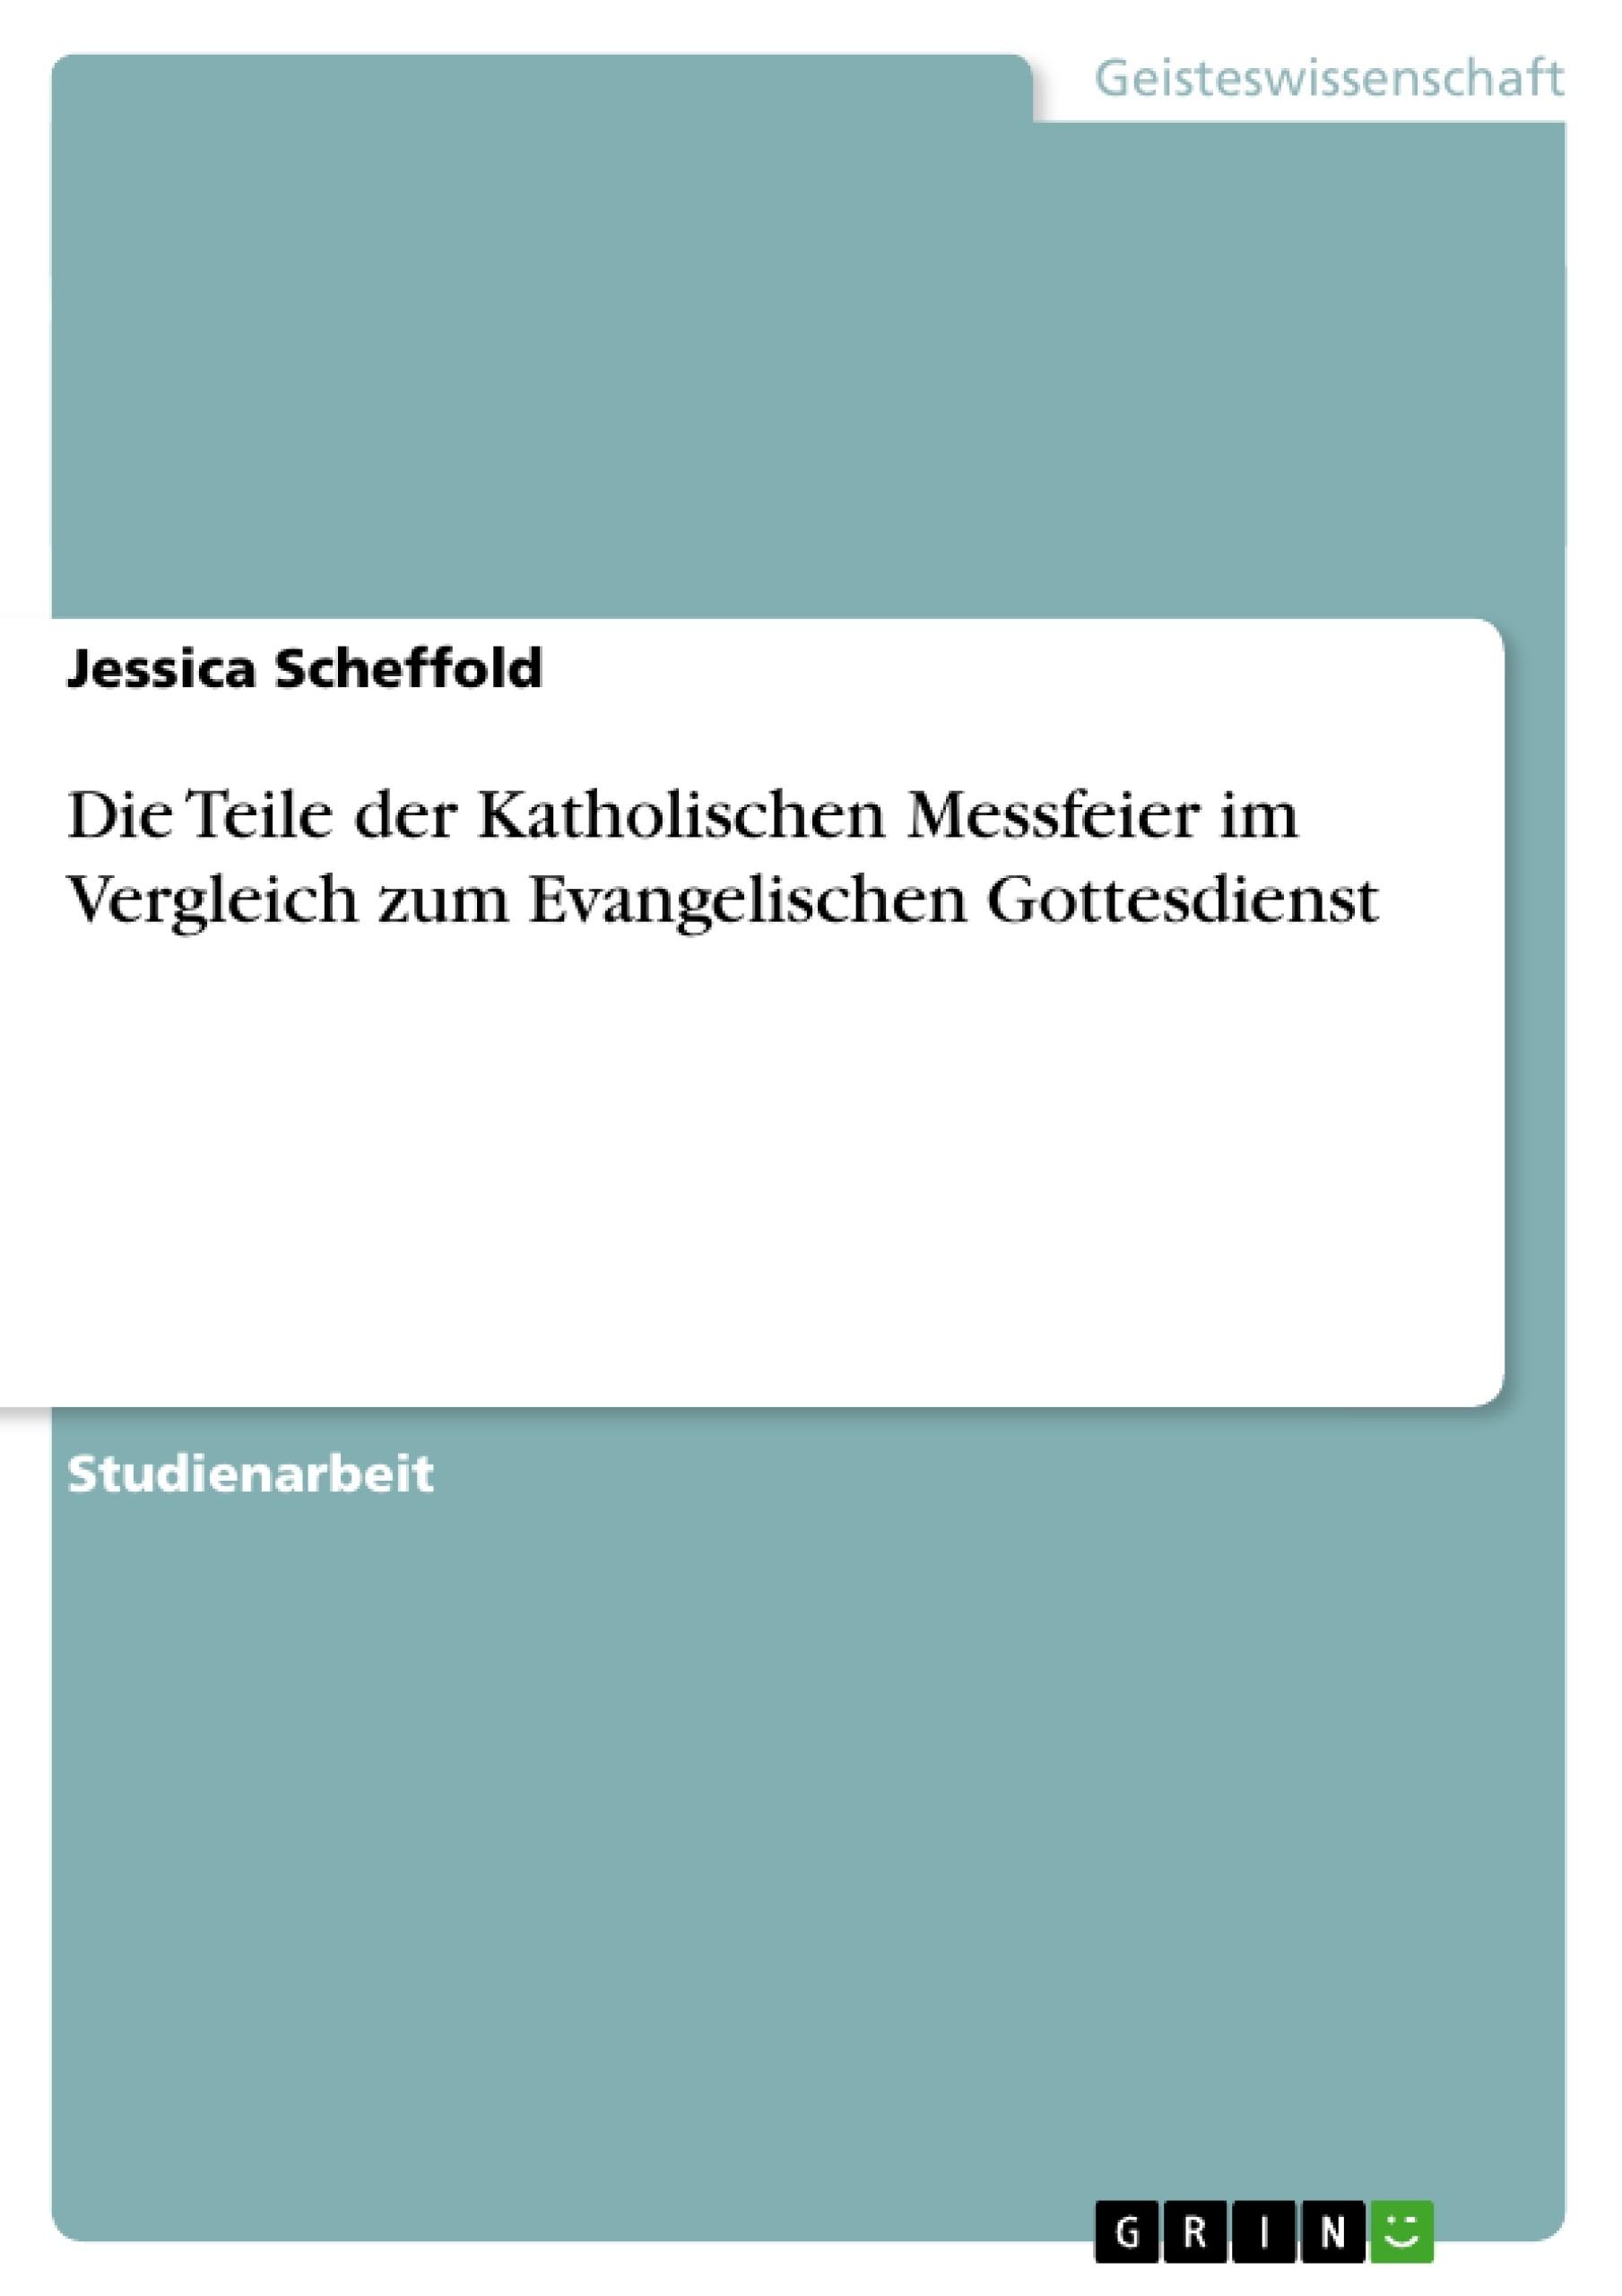 Titel: Die Teile der Katholischen Messfeier im Vergleich zum Evangelischen Gottesdienst